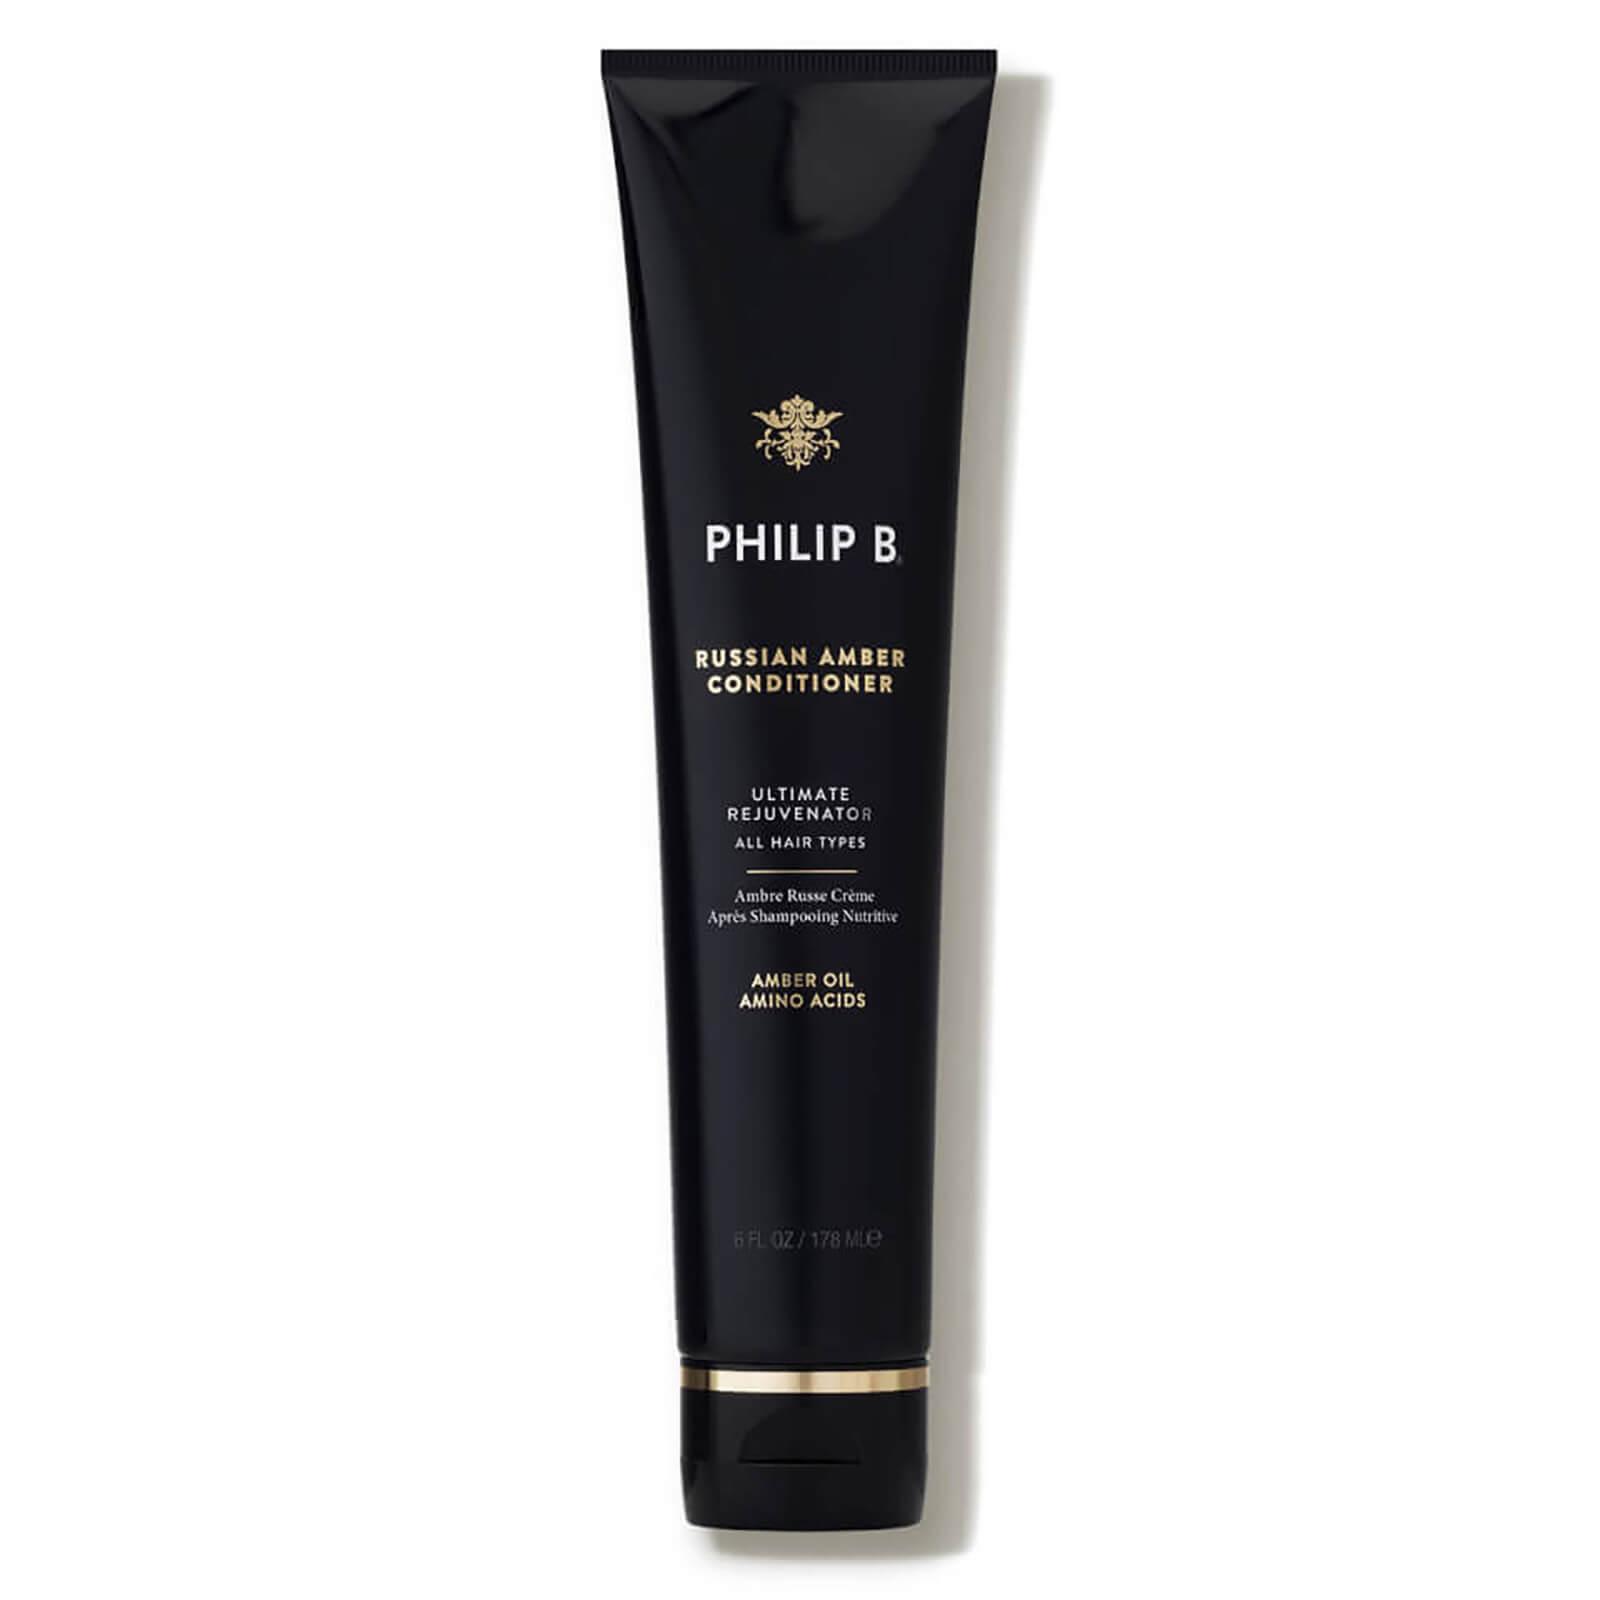 Купить Восстанавливающий крем-кондиционер Philip B Russian Amber Imperial Conditioning Crème (178мл)